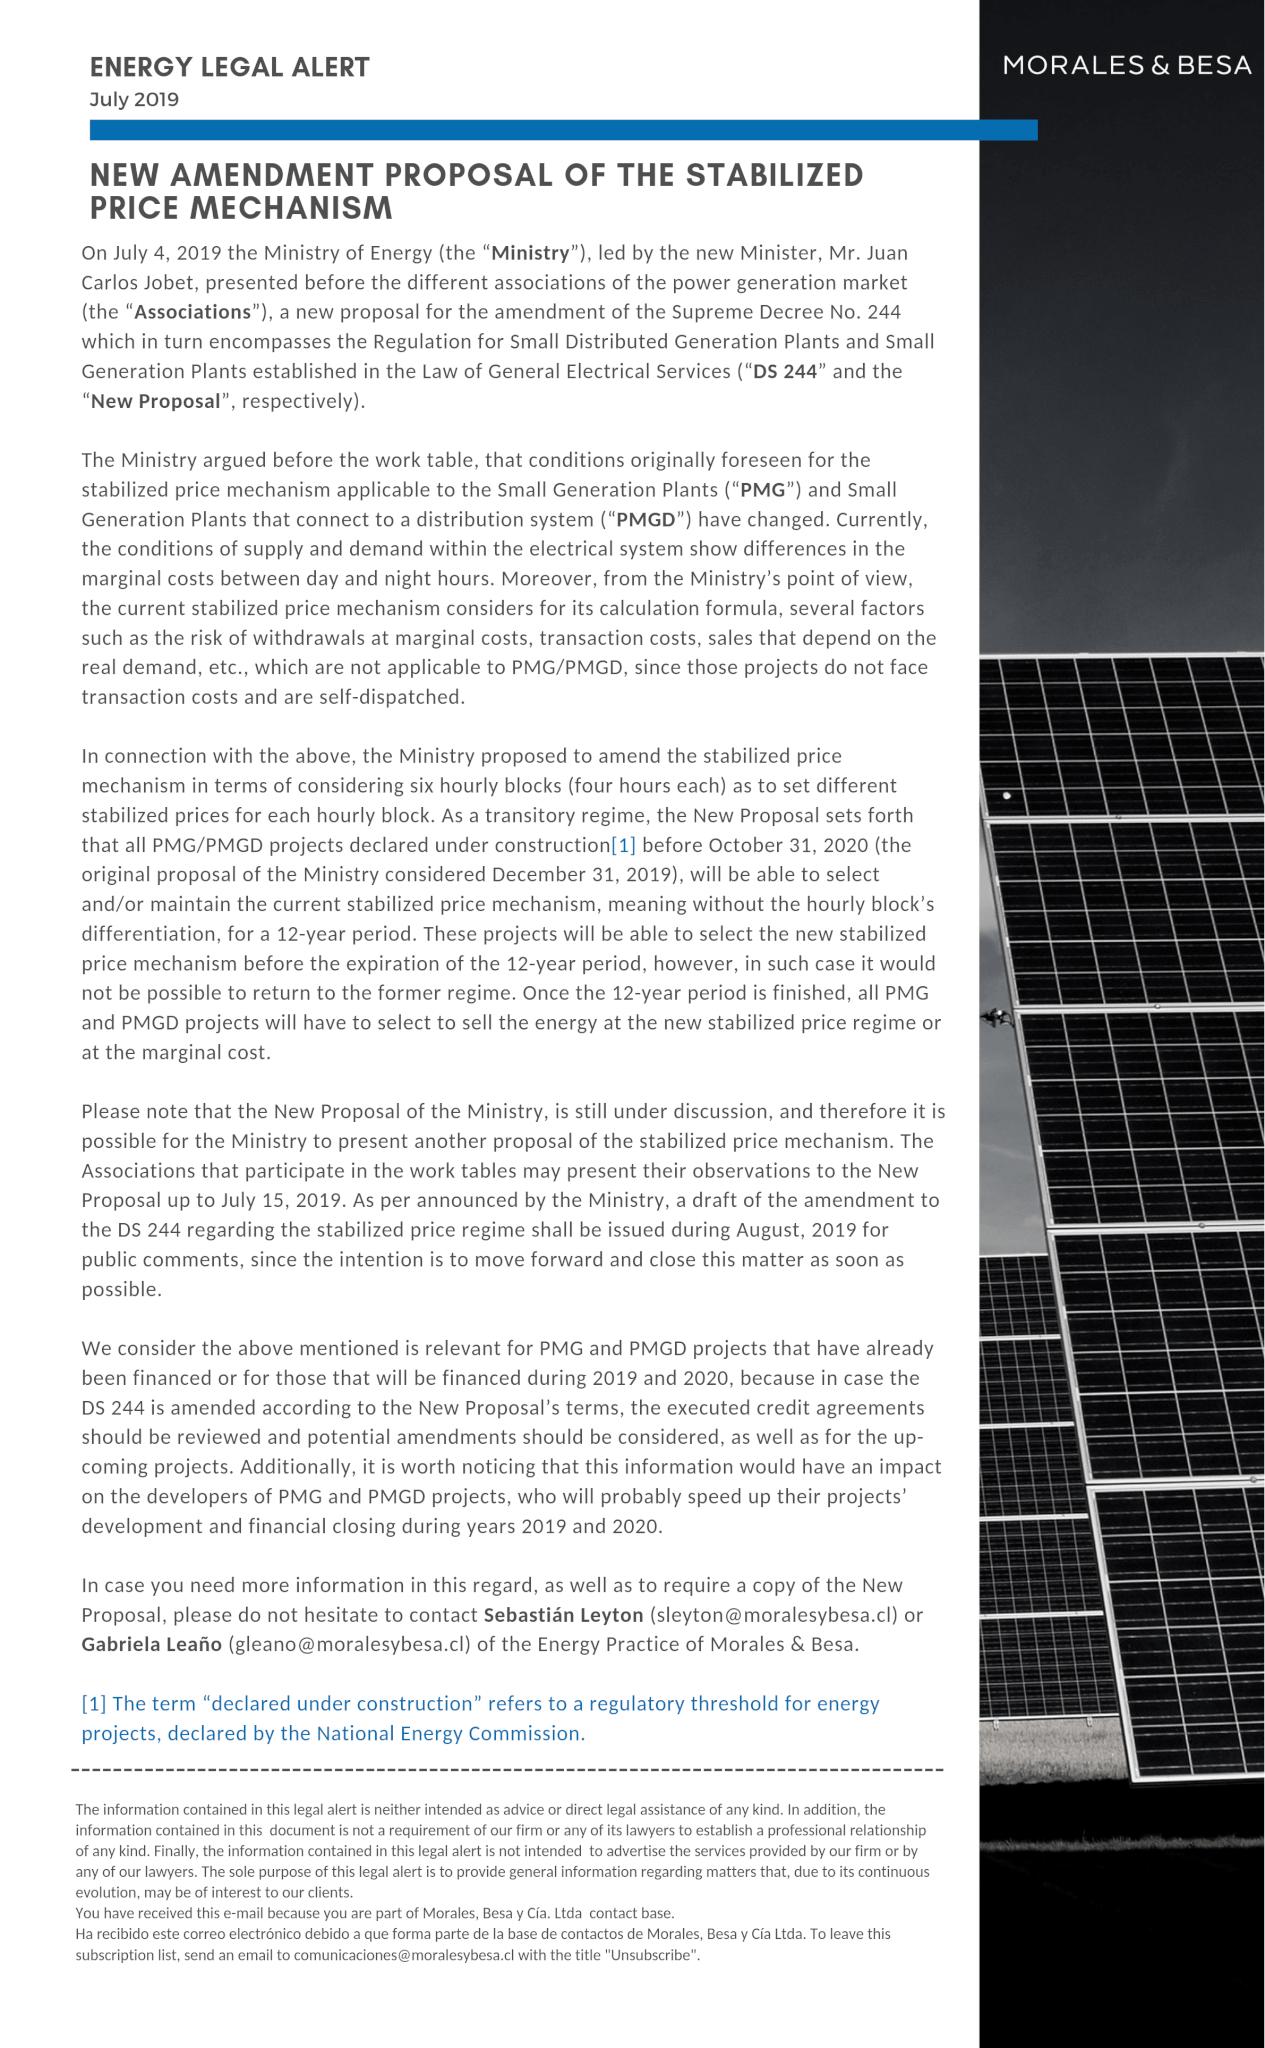 Legal Alert M&B - Energy - July 2019